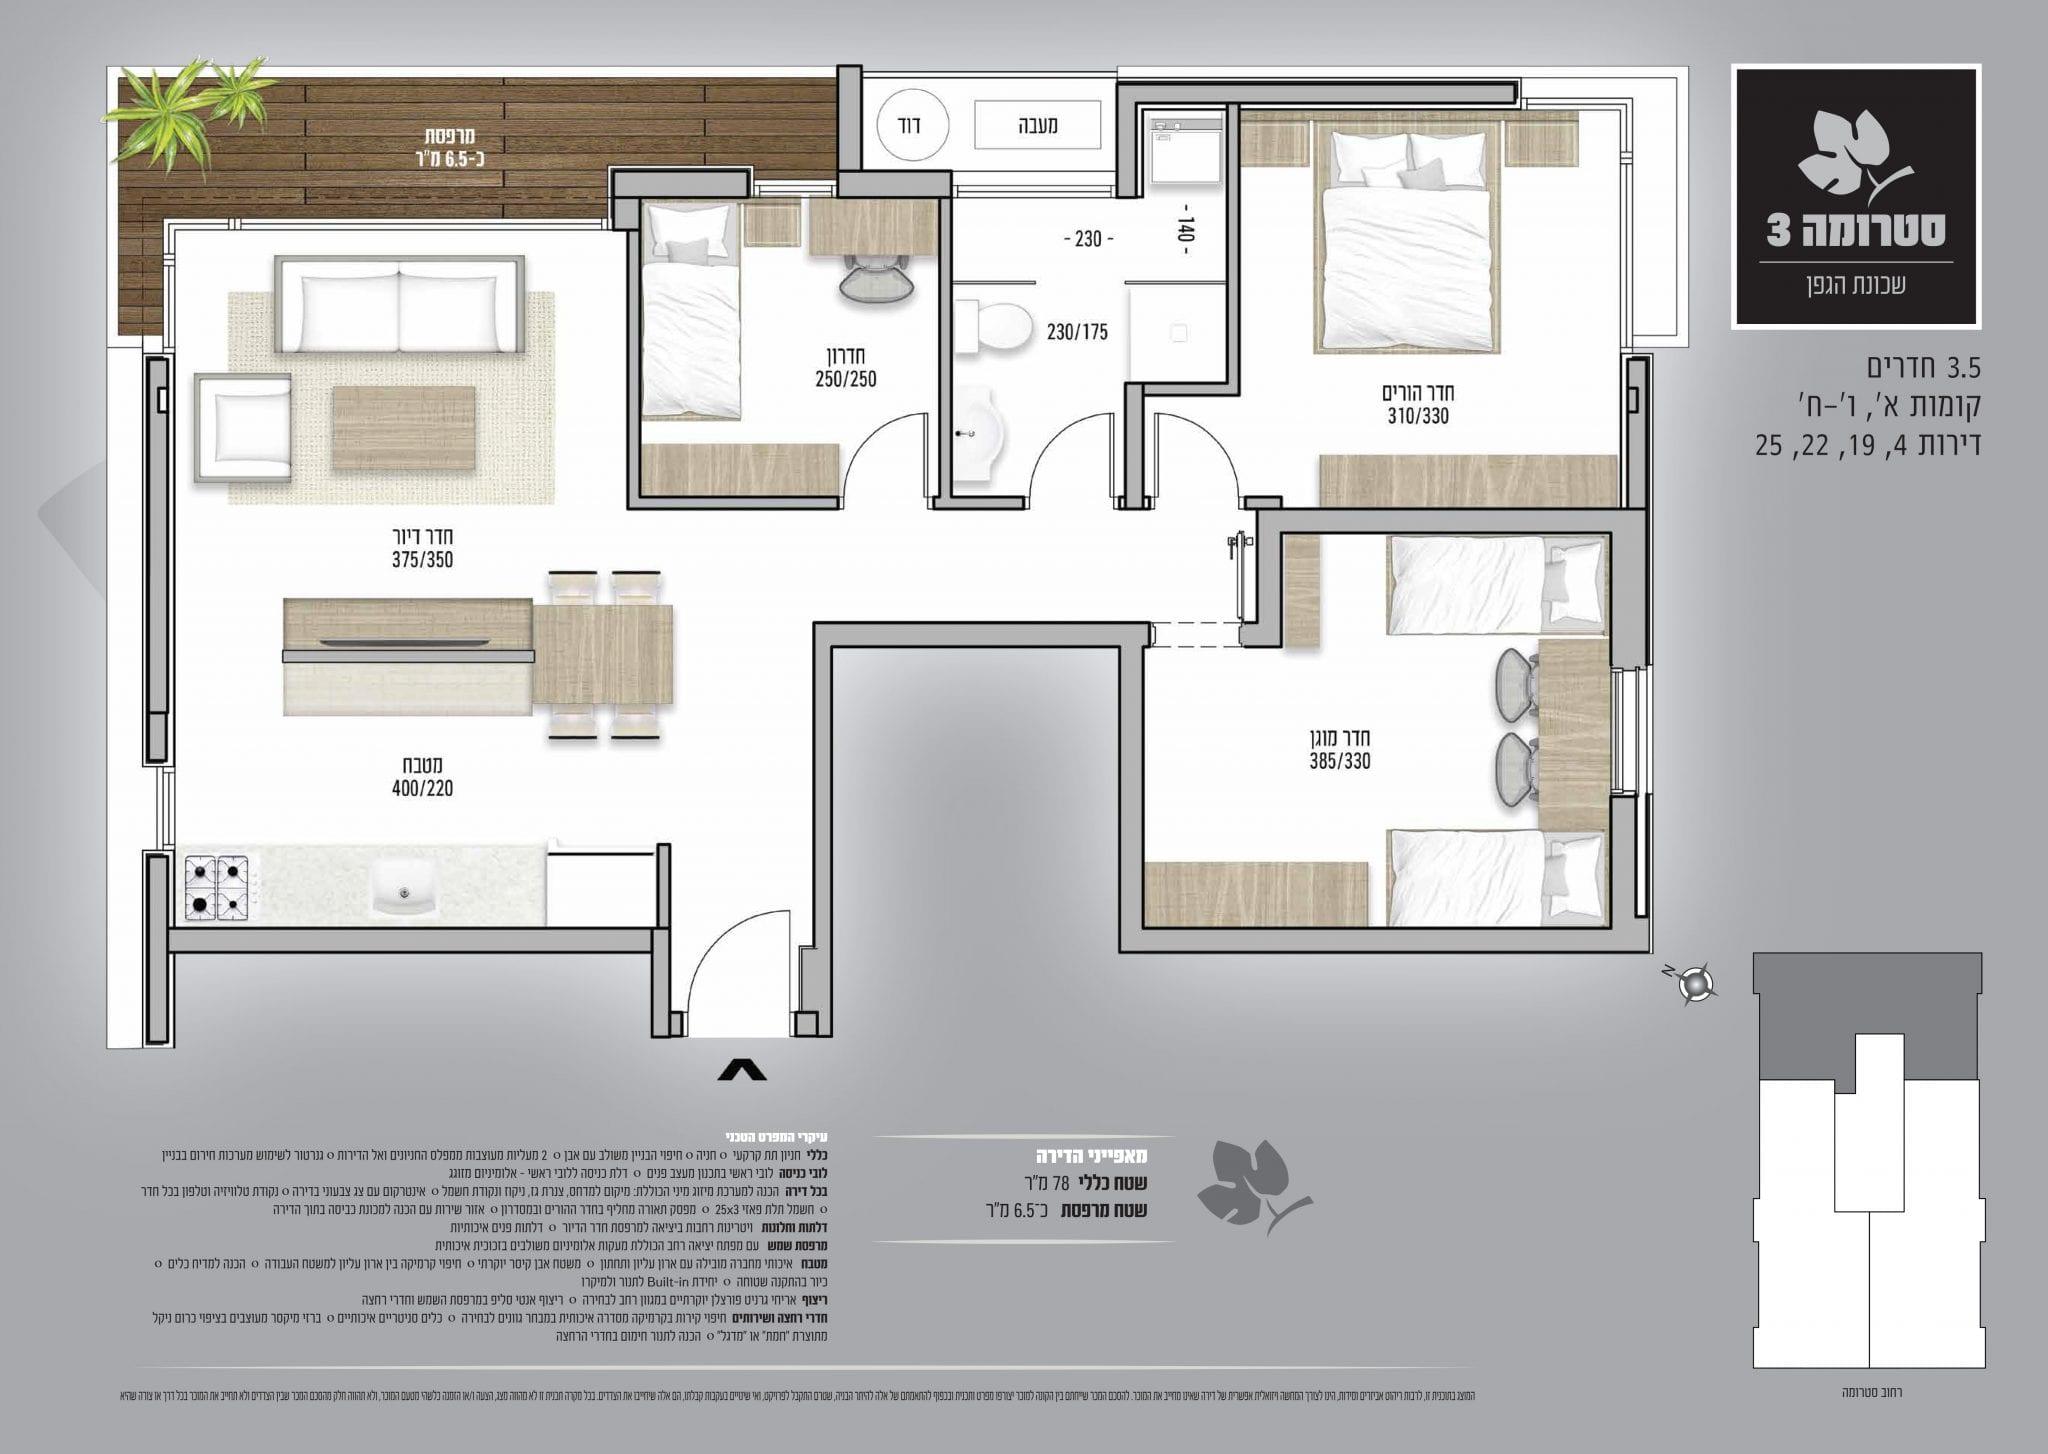 דירות 3.5 חדרים - מספר 4, 19-25